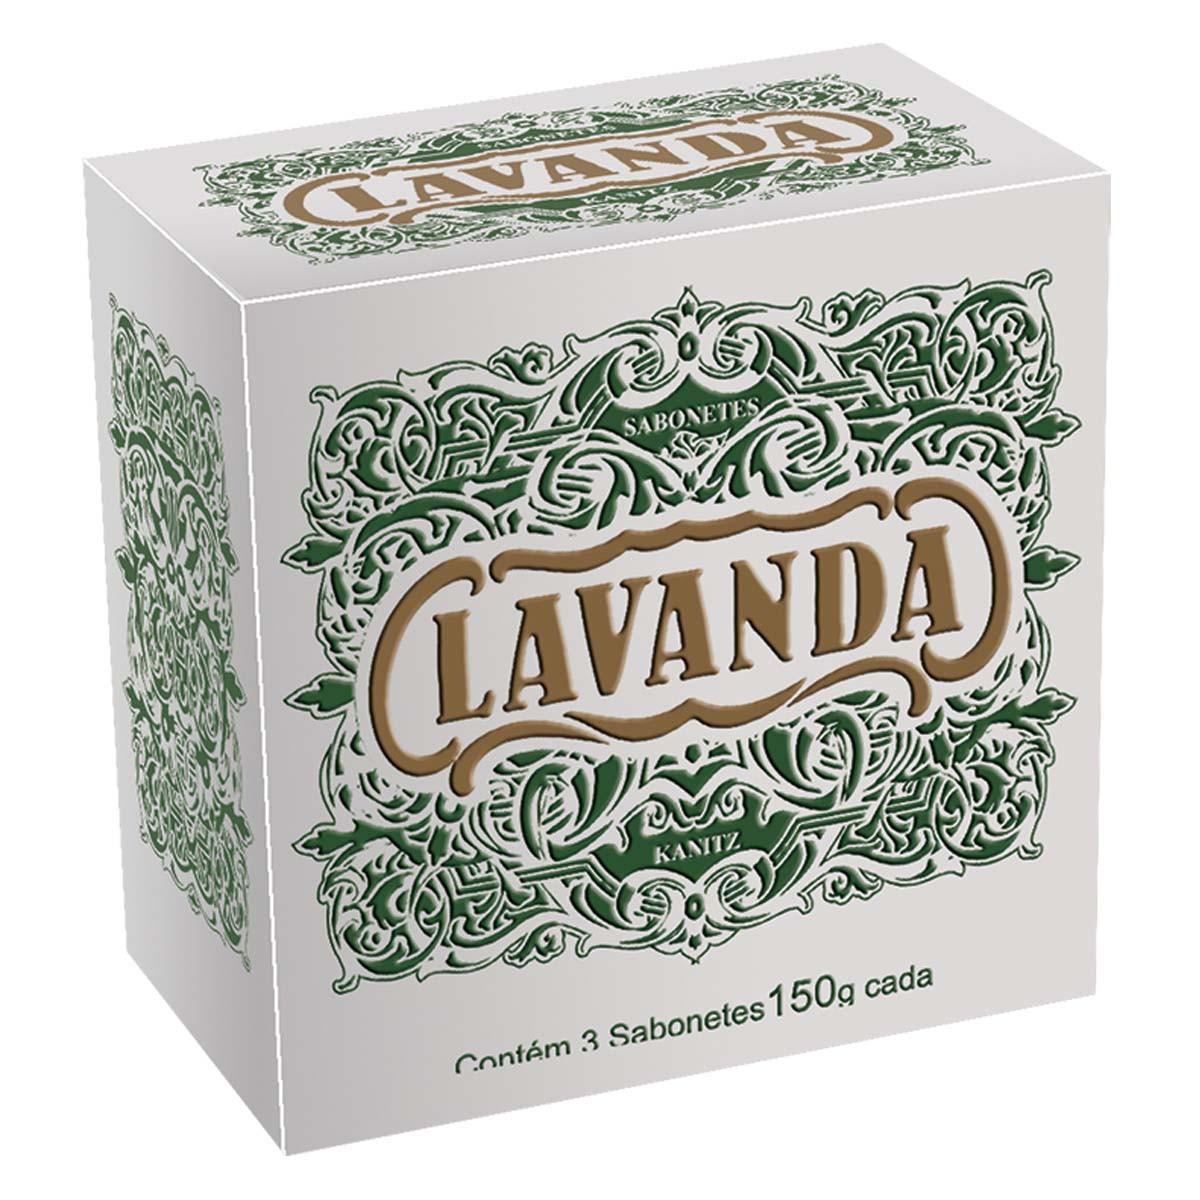 Sabonete Lavanda 3x150g